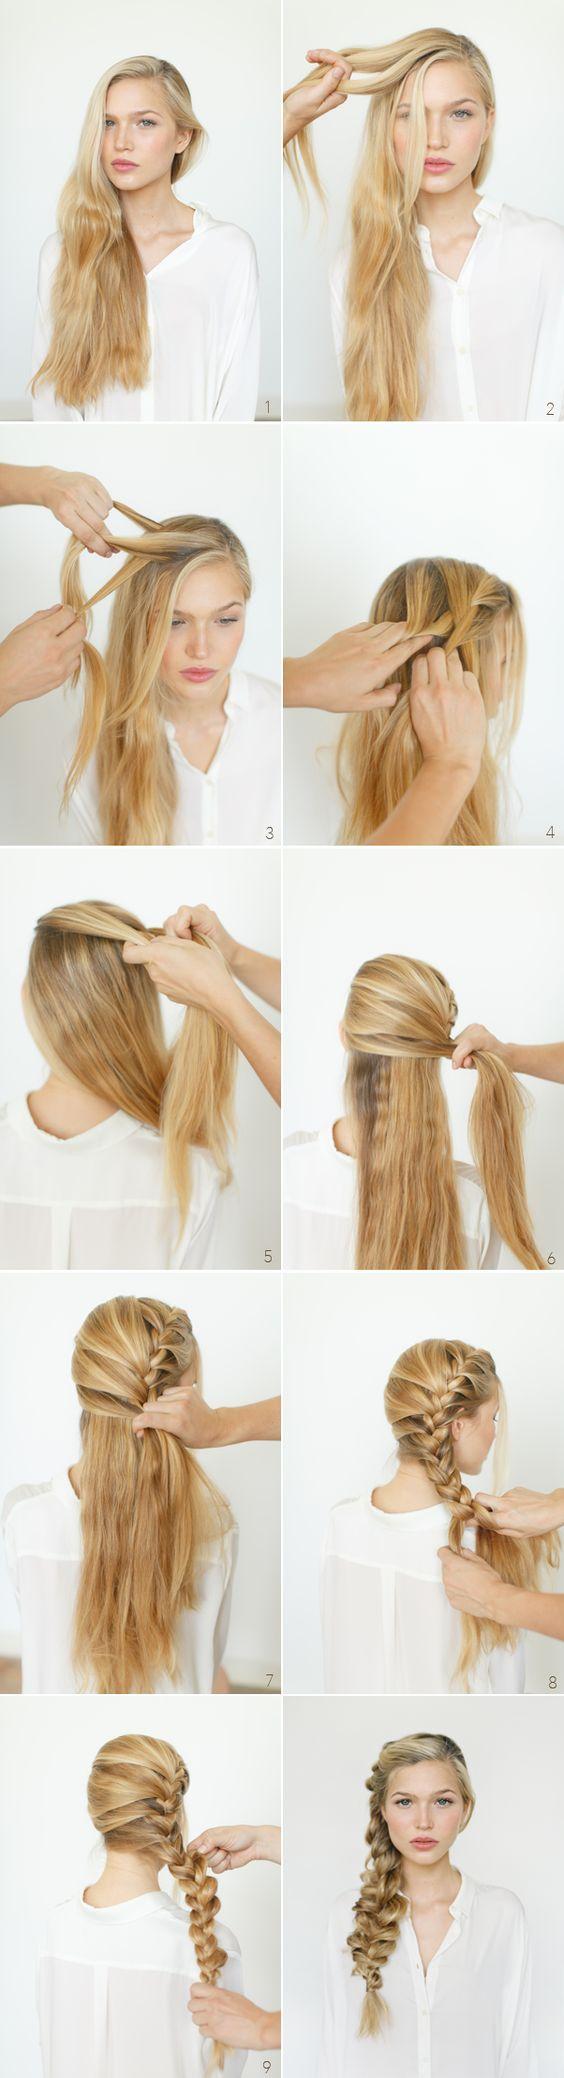 Side braid: